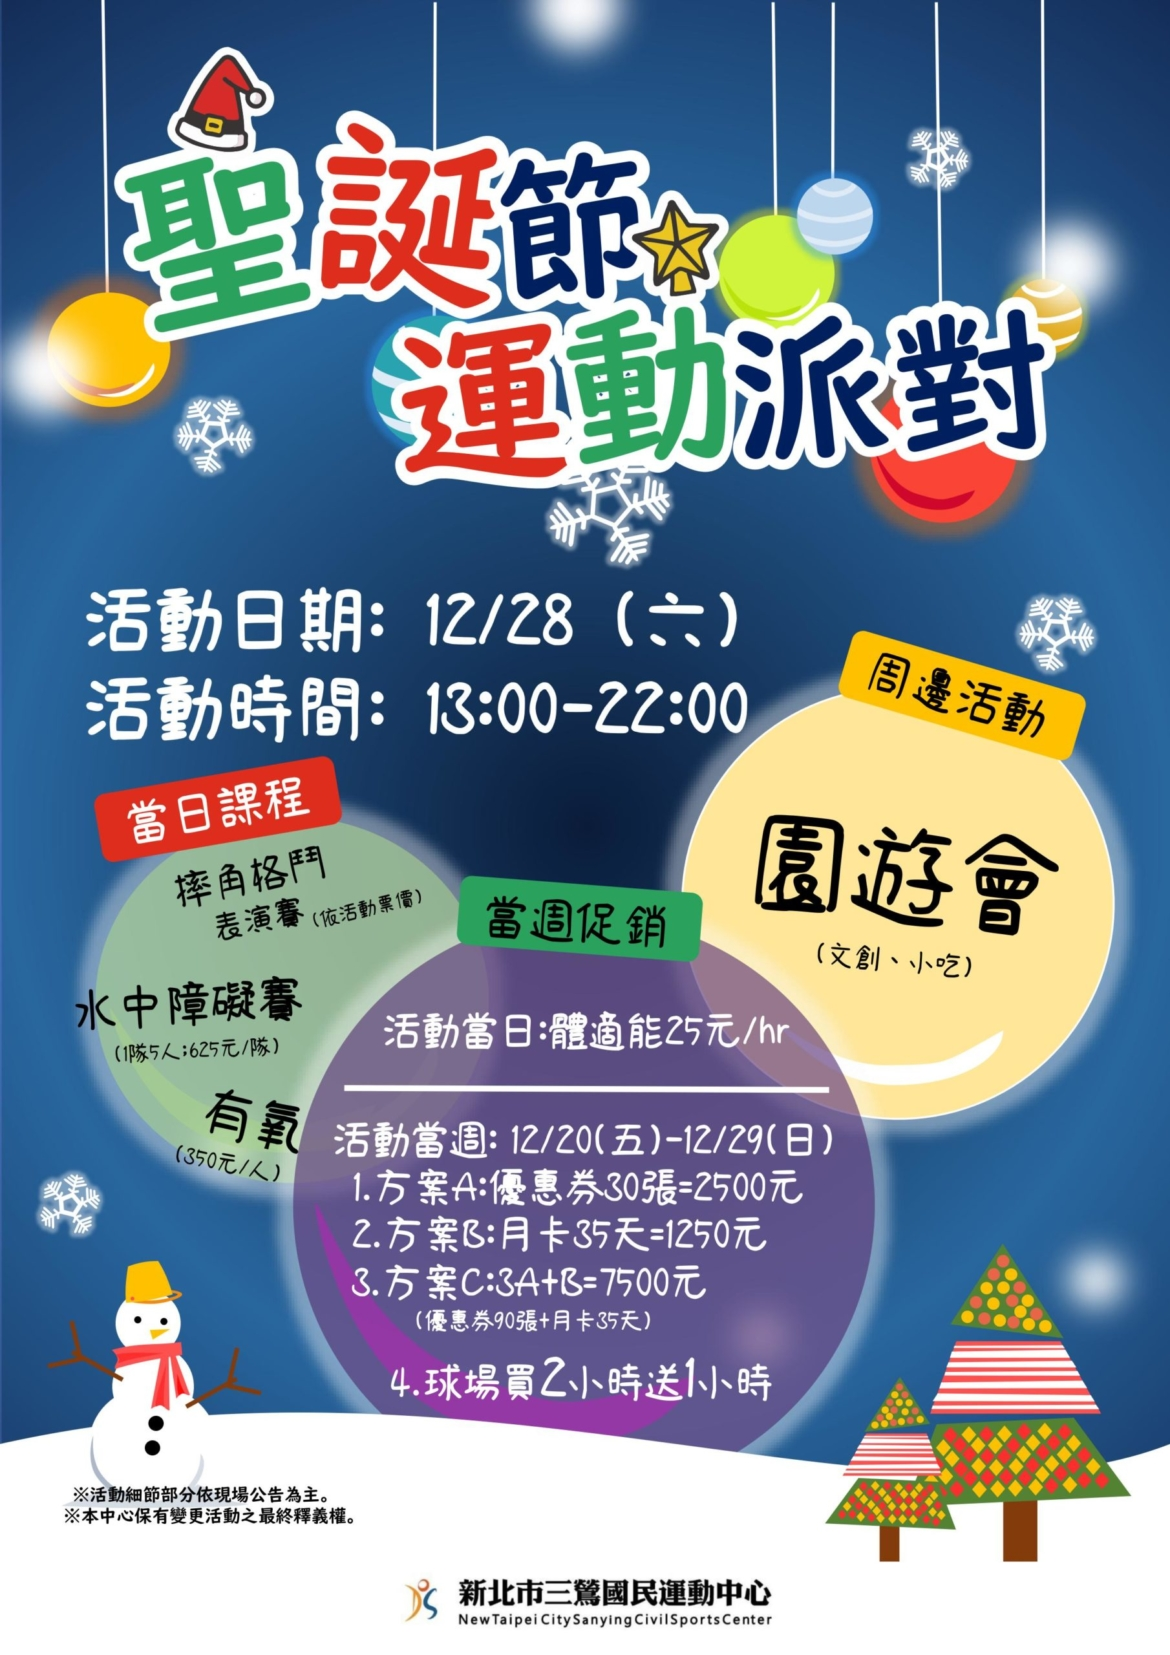 新北市三鶯國民運動中心-12/28(六)聖誕節運動派對